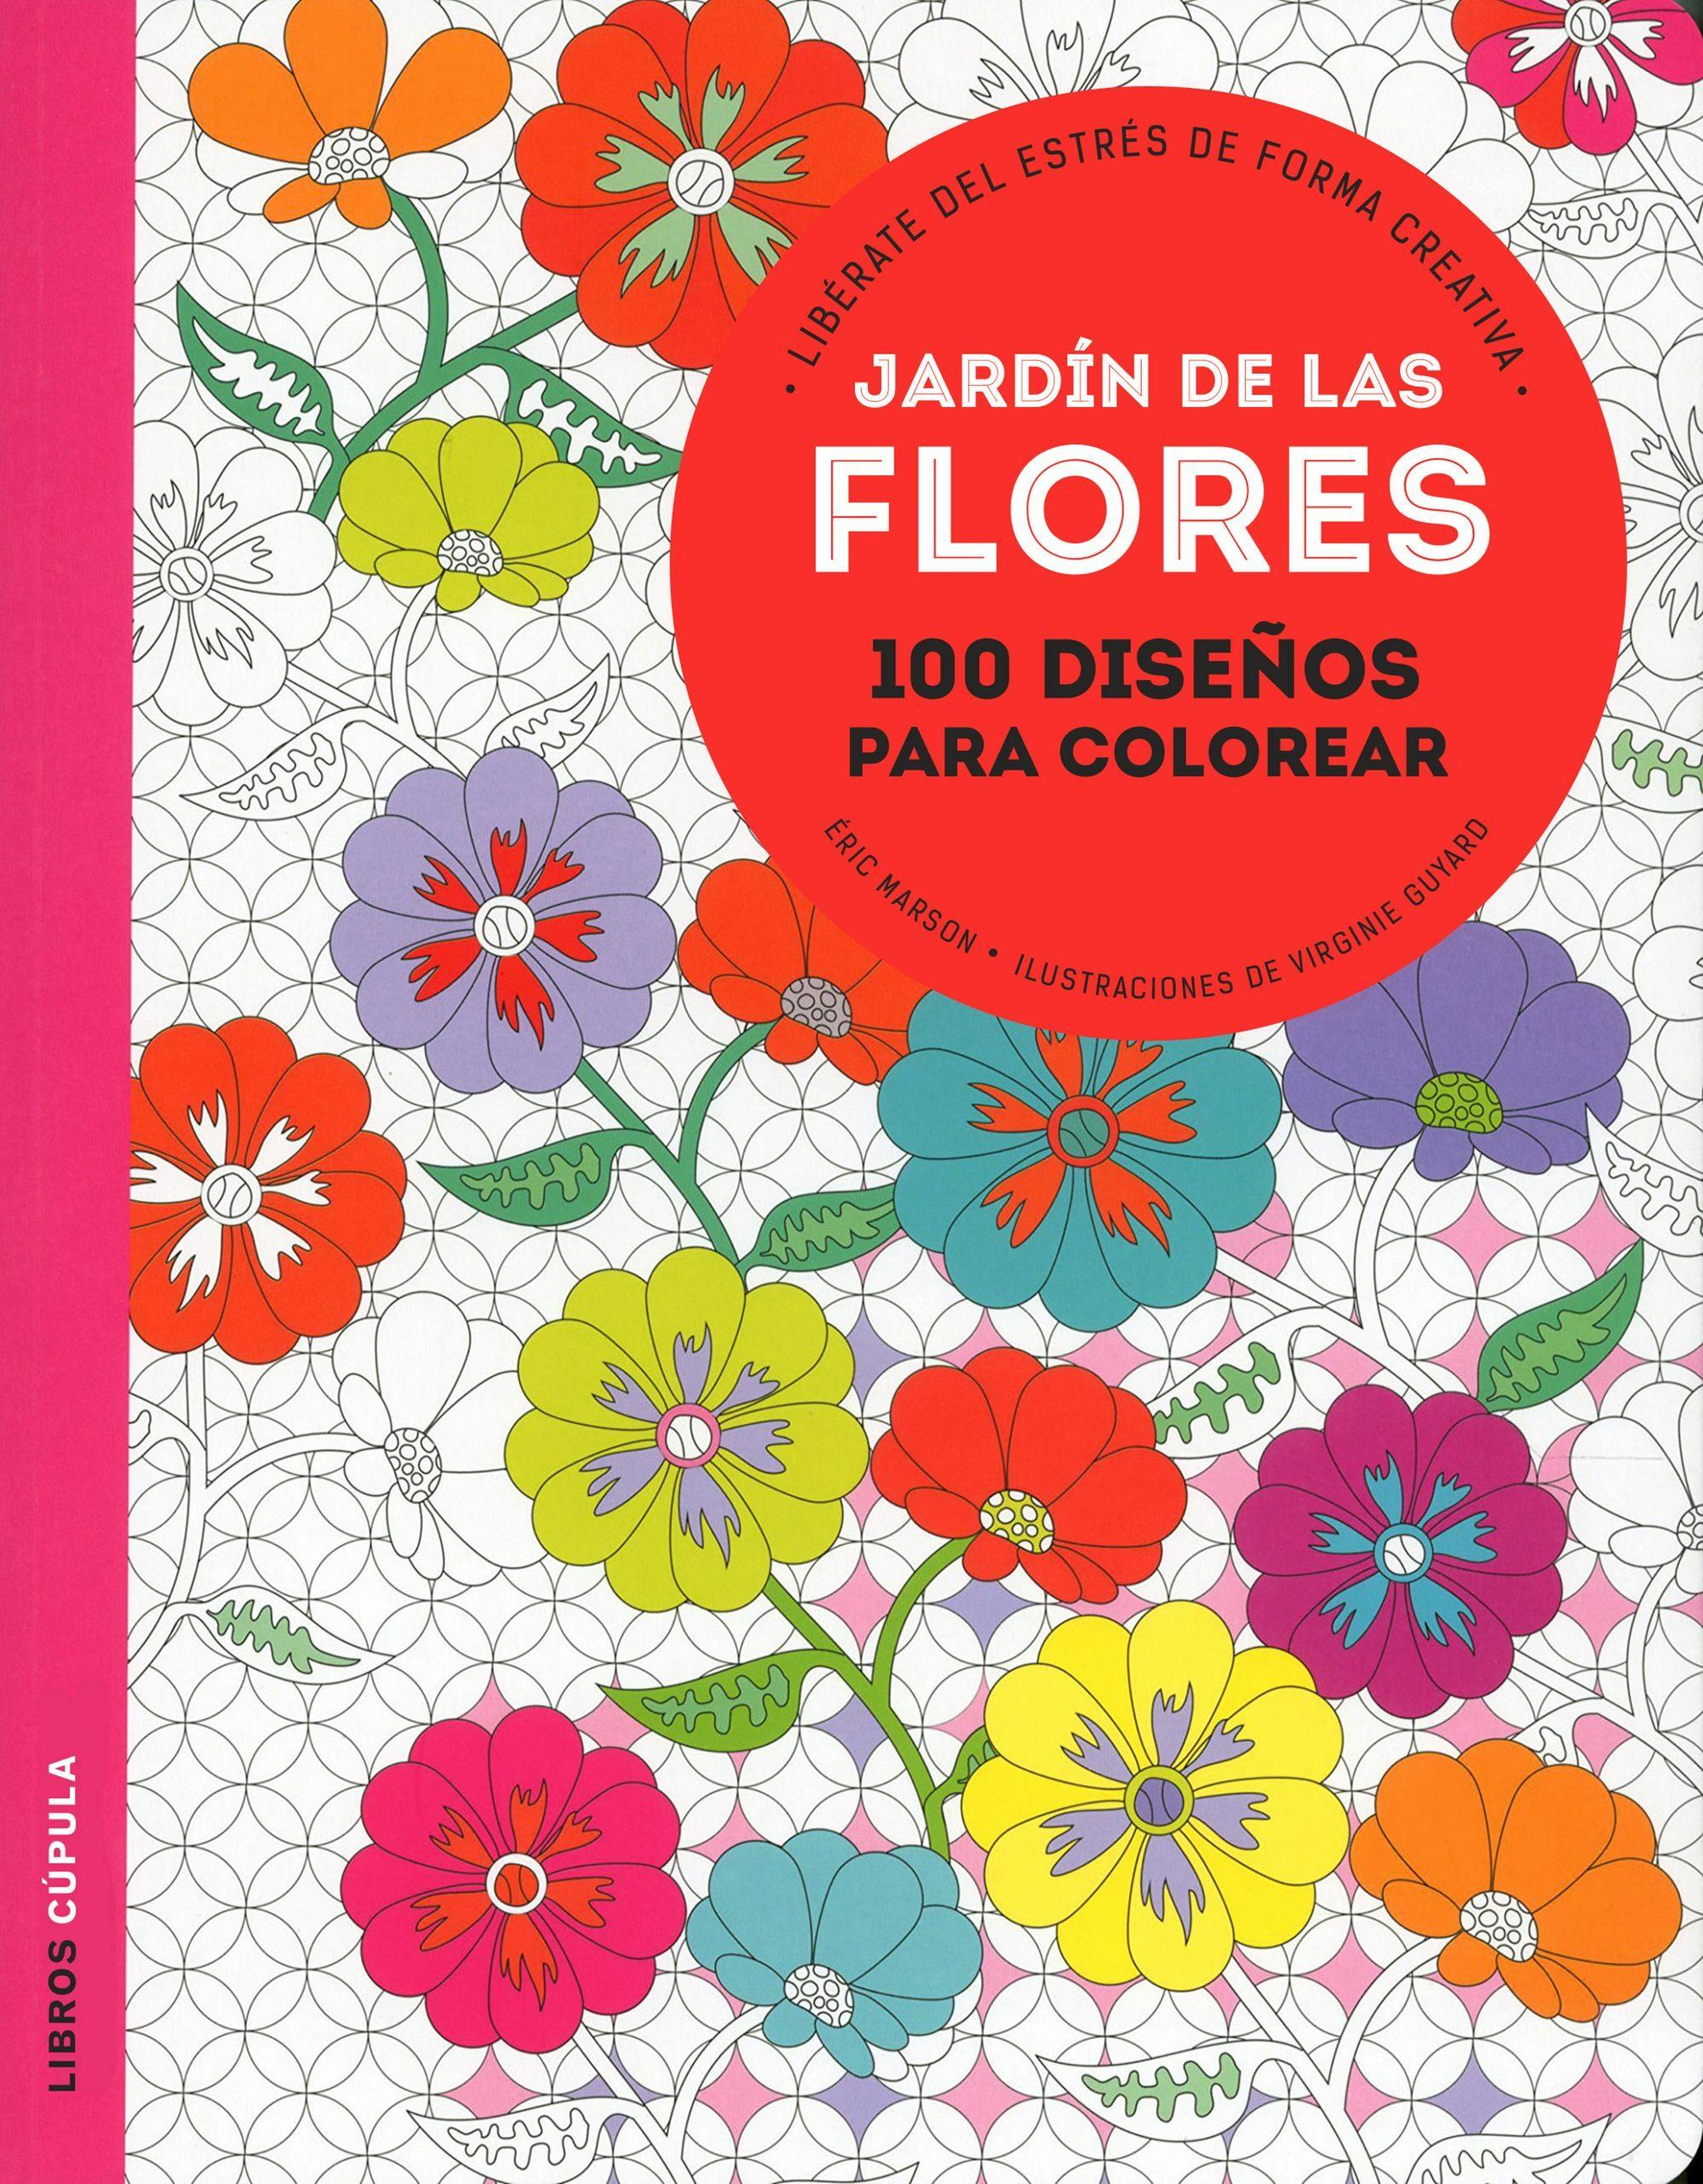 JARDIN DE LAS FLORES: 100 DISEÑOS PARA COLOREAR | ERIC MARSON ...